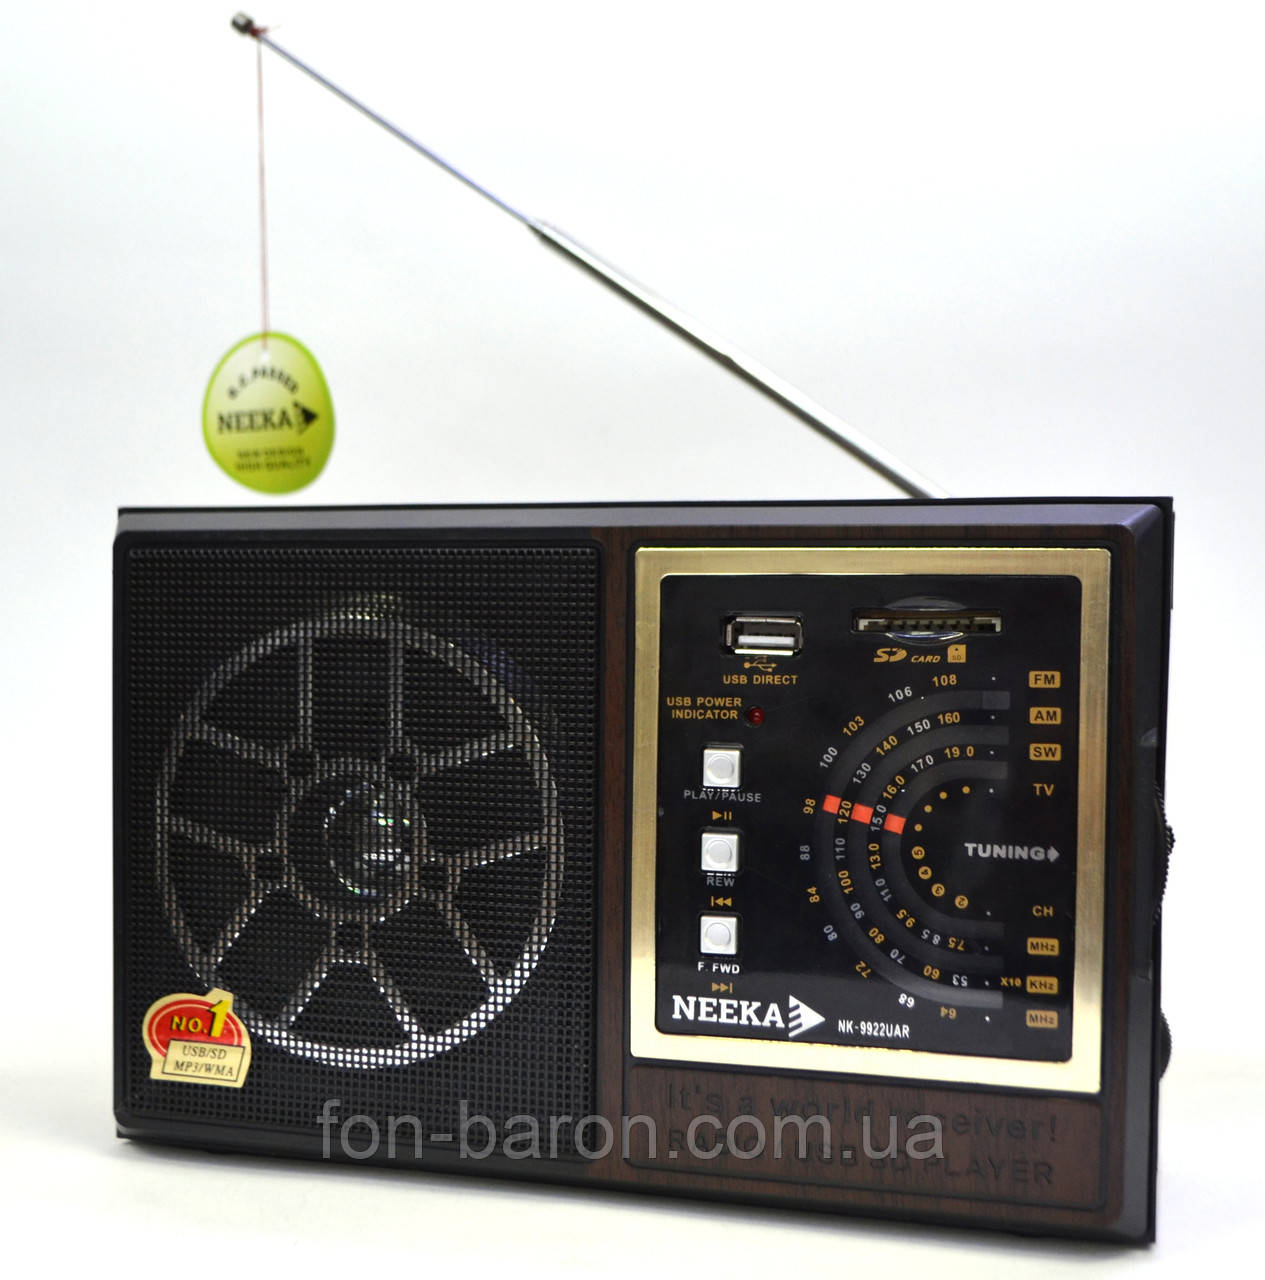 Радиоприемник NEEKA NK-9922 UAR, фото 1